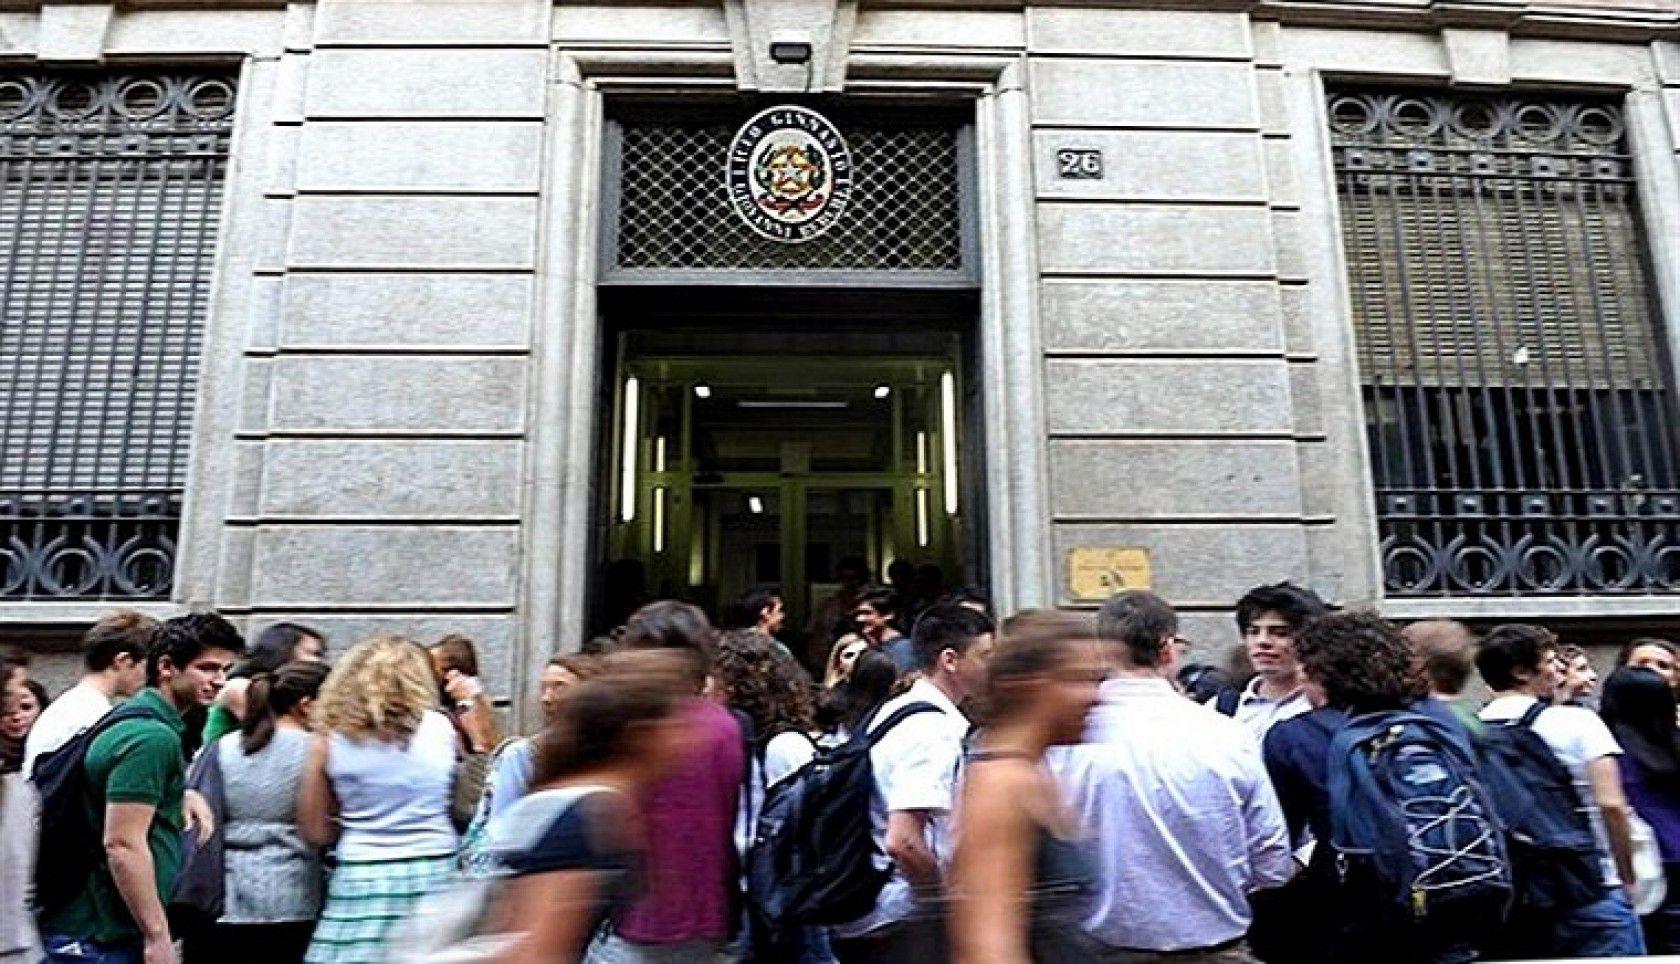 İtalya Lise Eğitimi için Gerekli Evraklar